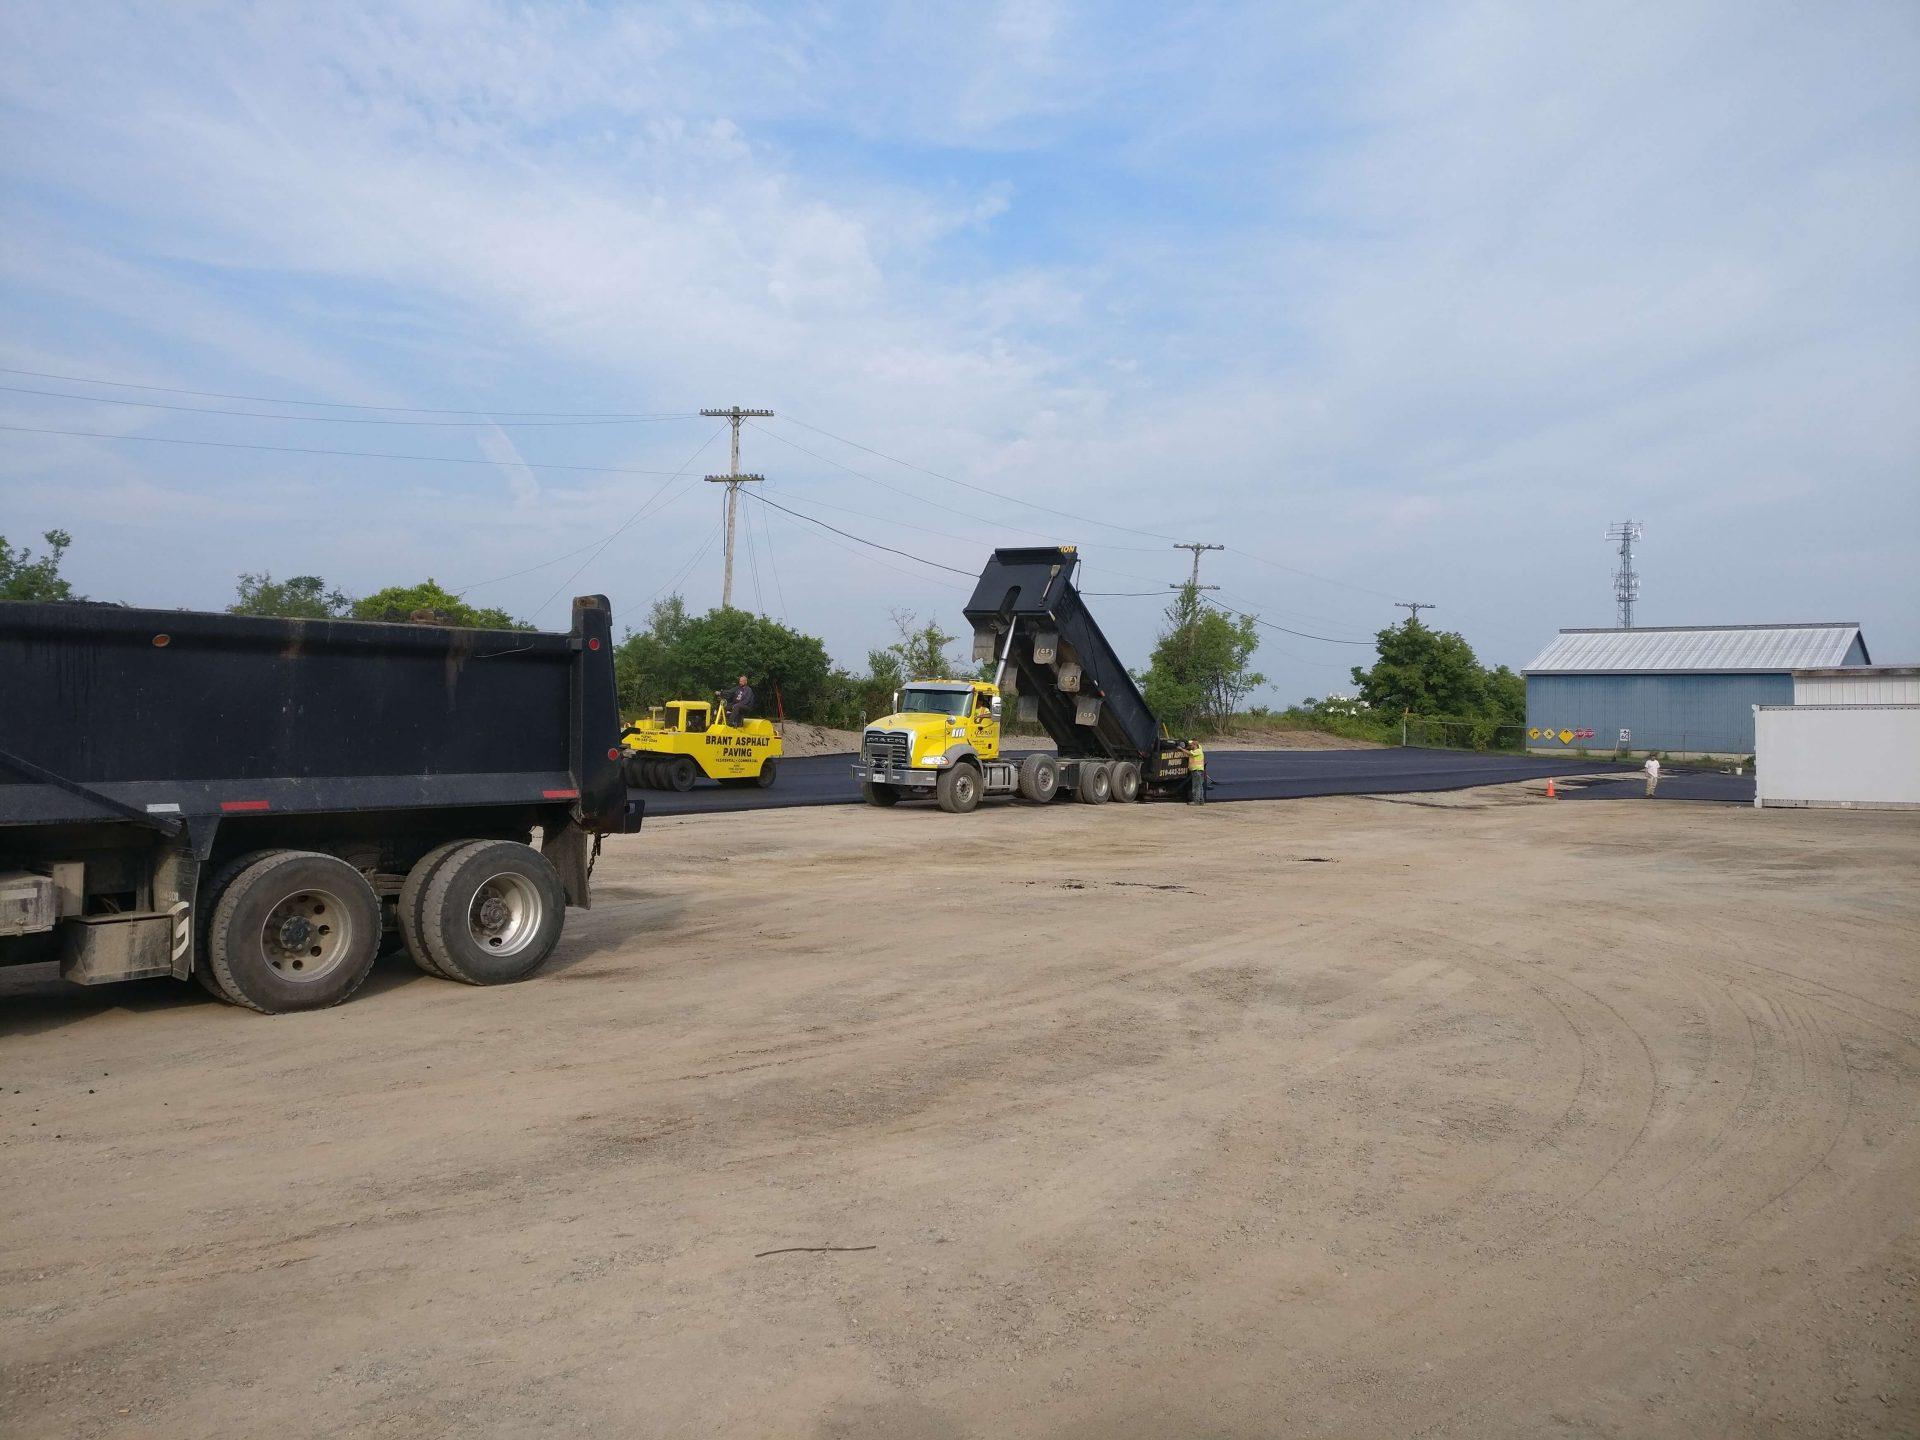 truck dumping asphalt